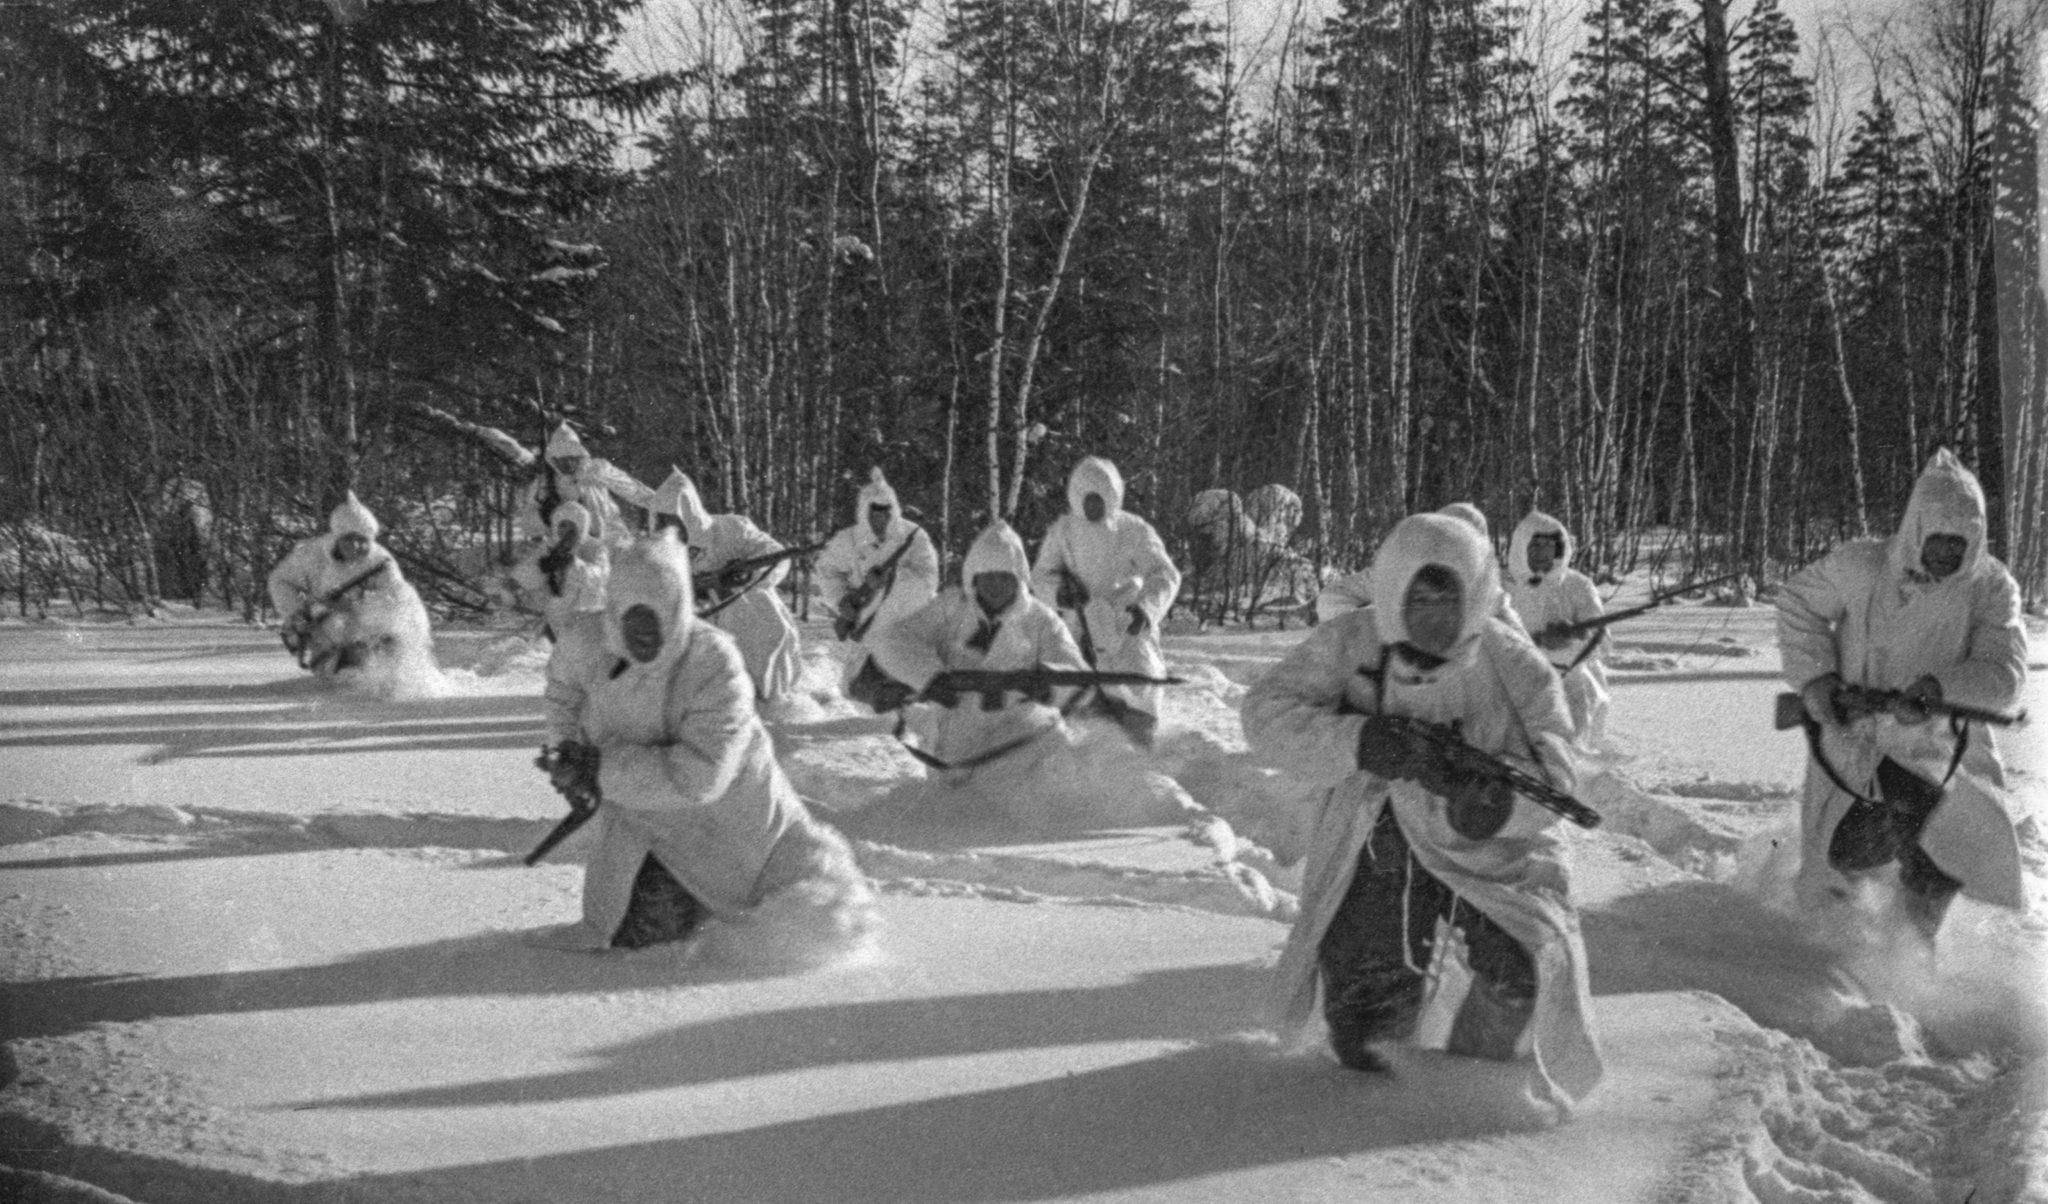 Красноармейцы во время атаки. Сергей Косырев / РИА Новости